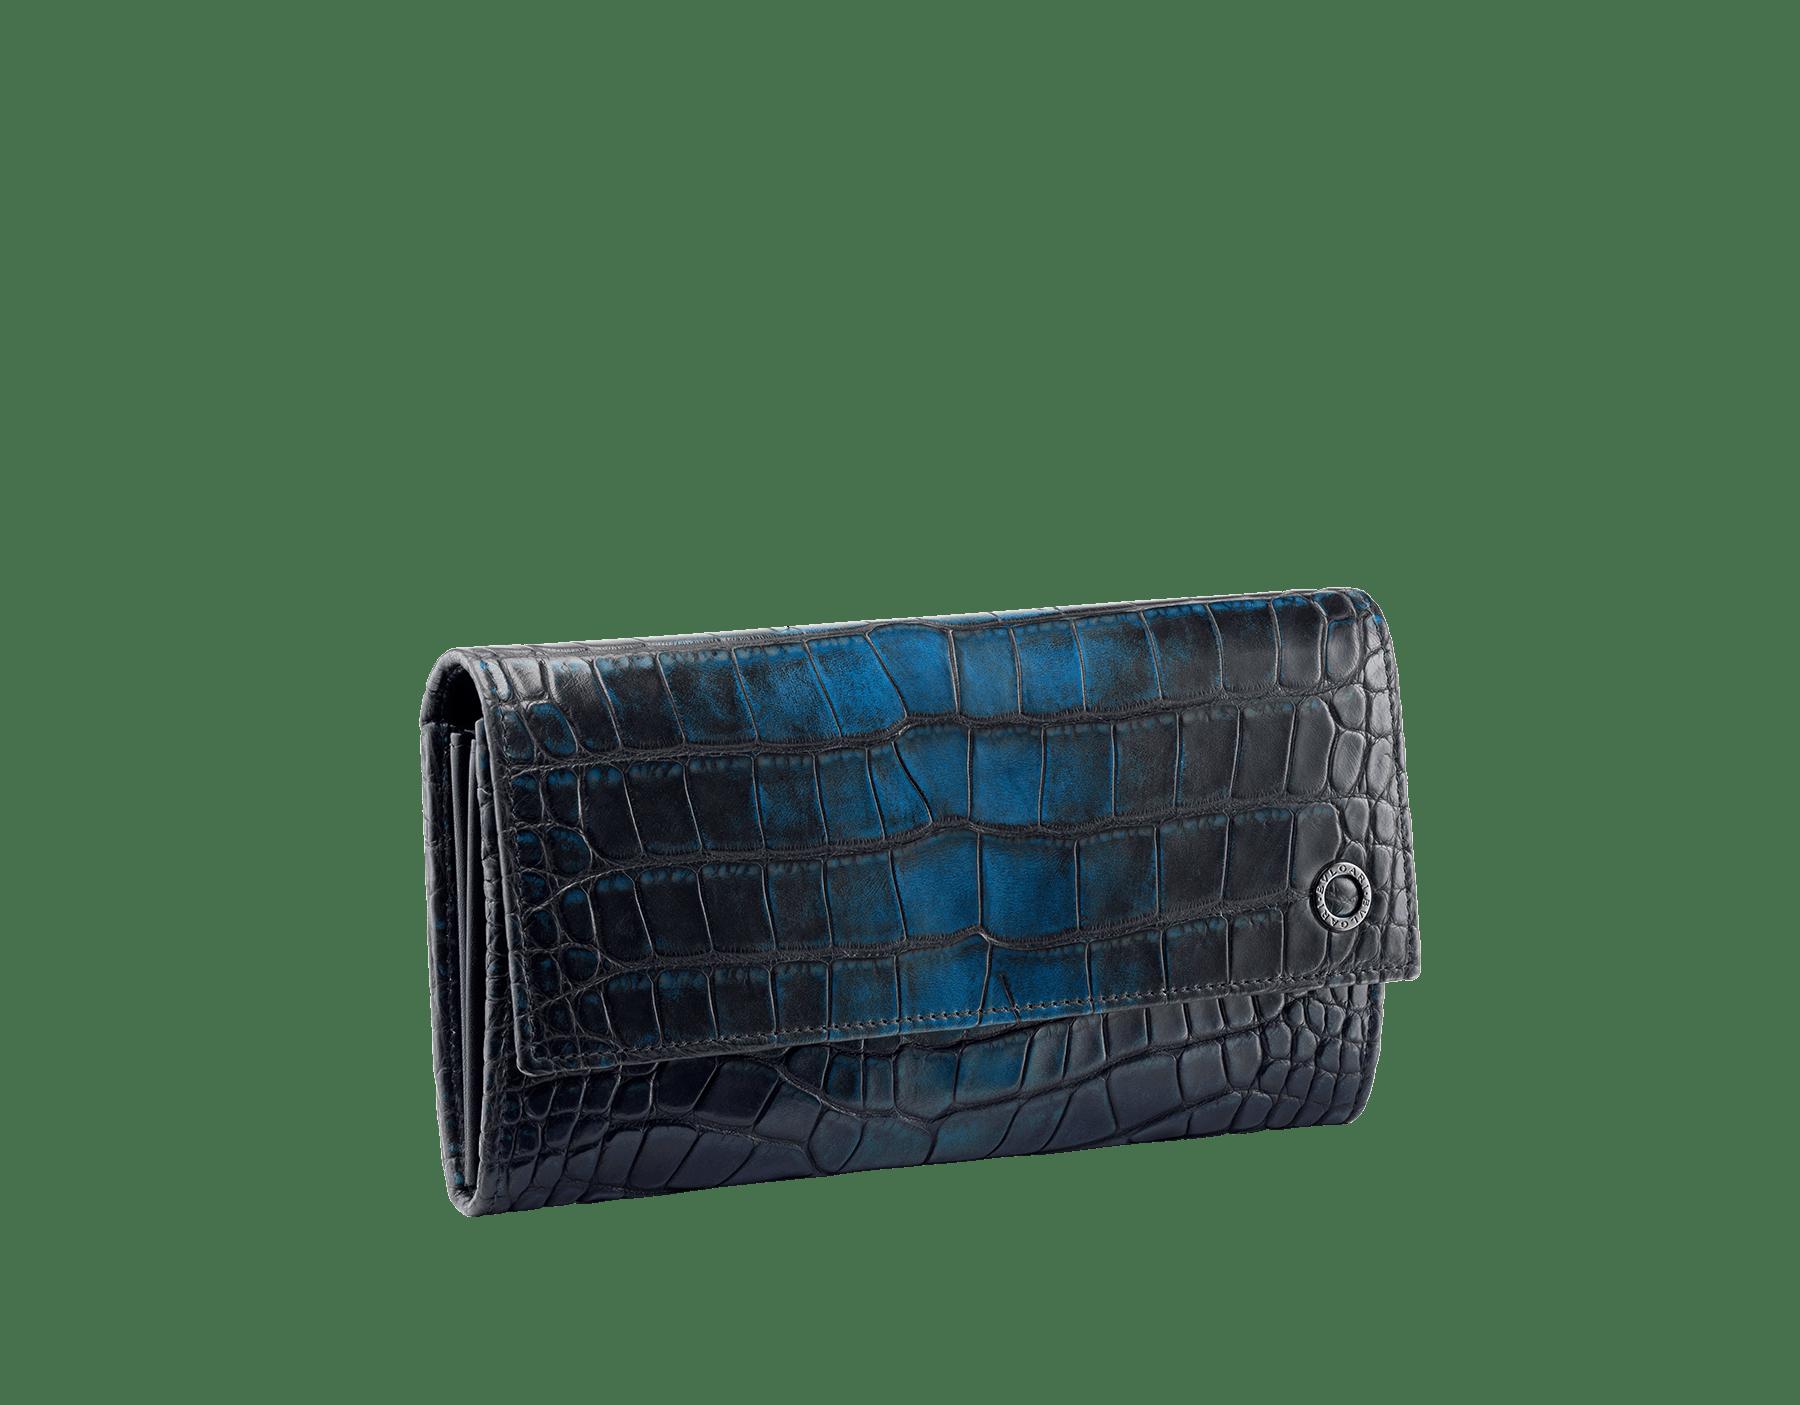 叢林綠鱷魚皮及黑色光滑小牛皮男用手挽皮夾,Bulgari-Bulgari 深色鍍釕黃銅配飾。 BBM-WLT-POC-10C-HE image 1